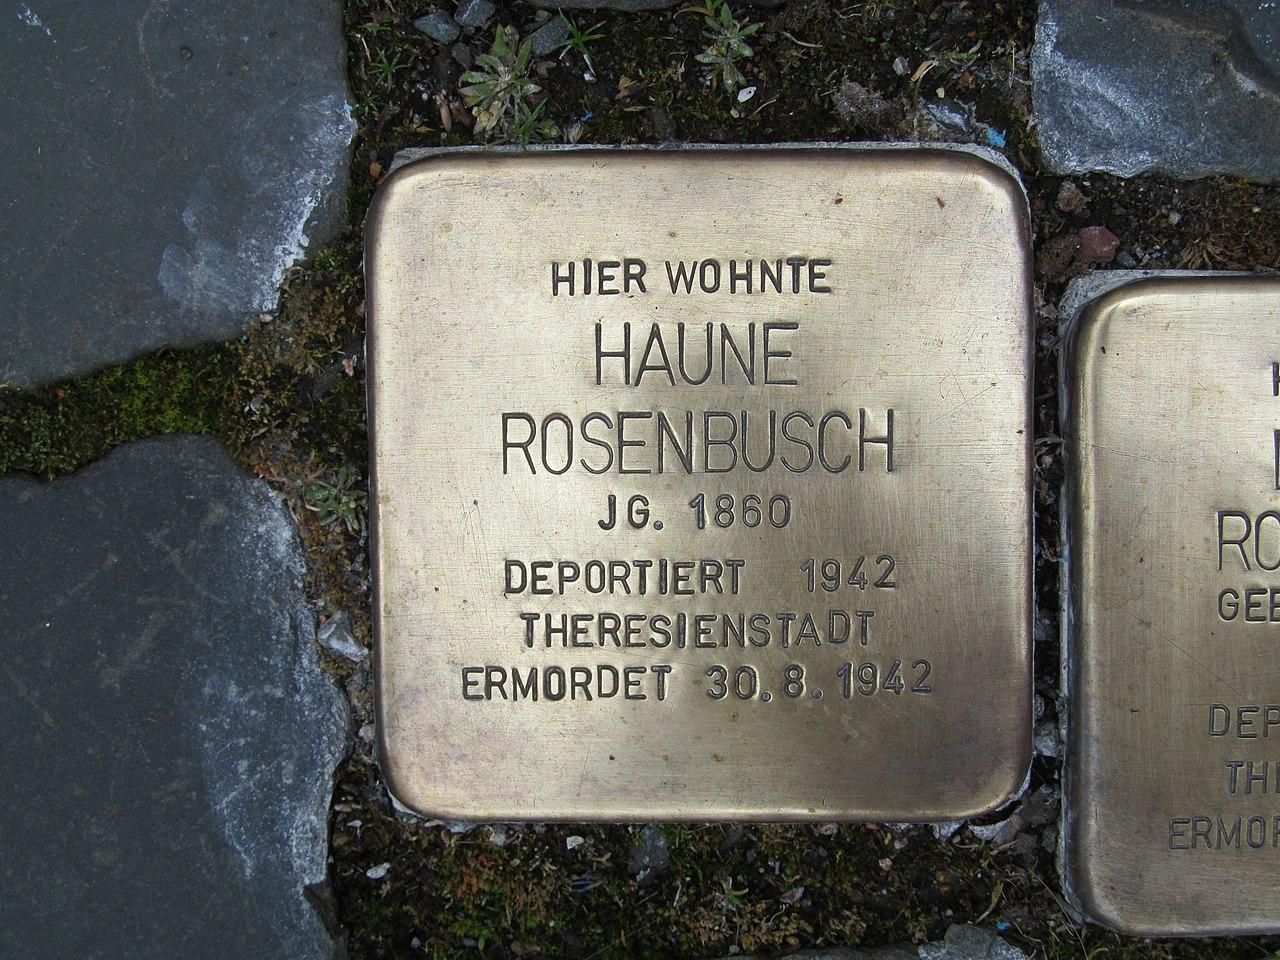 Stolperstein Haune Rosenbusch, 1, Marktstraße 6, Borken, Schwalm-Eder-Kreis.jpg